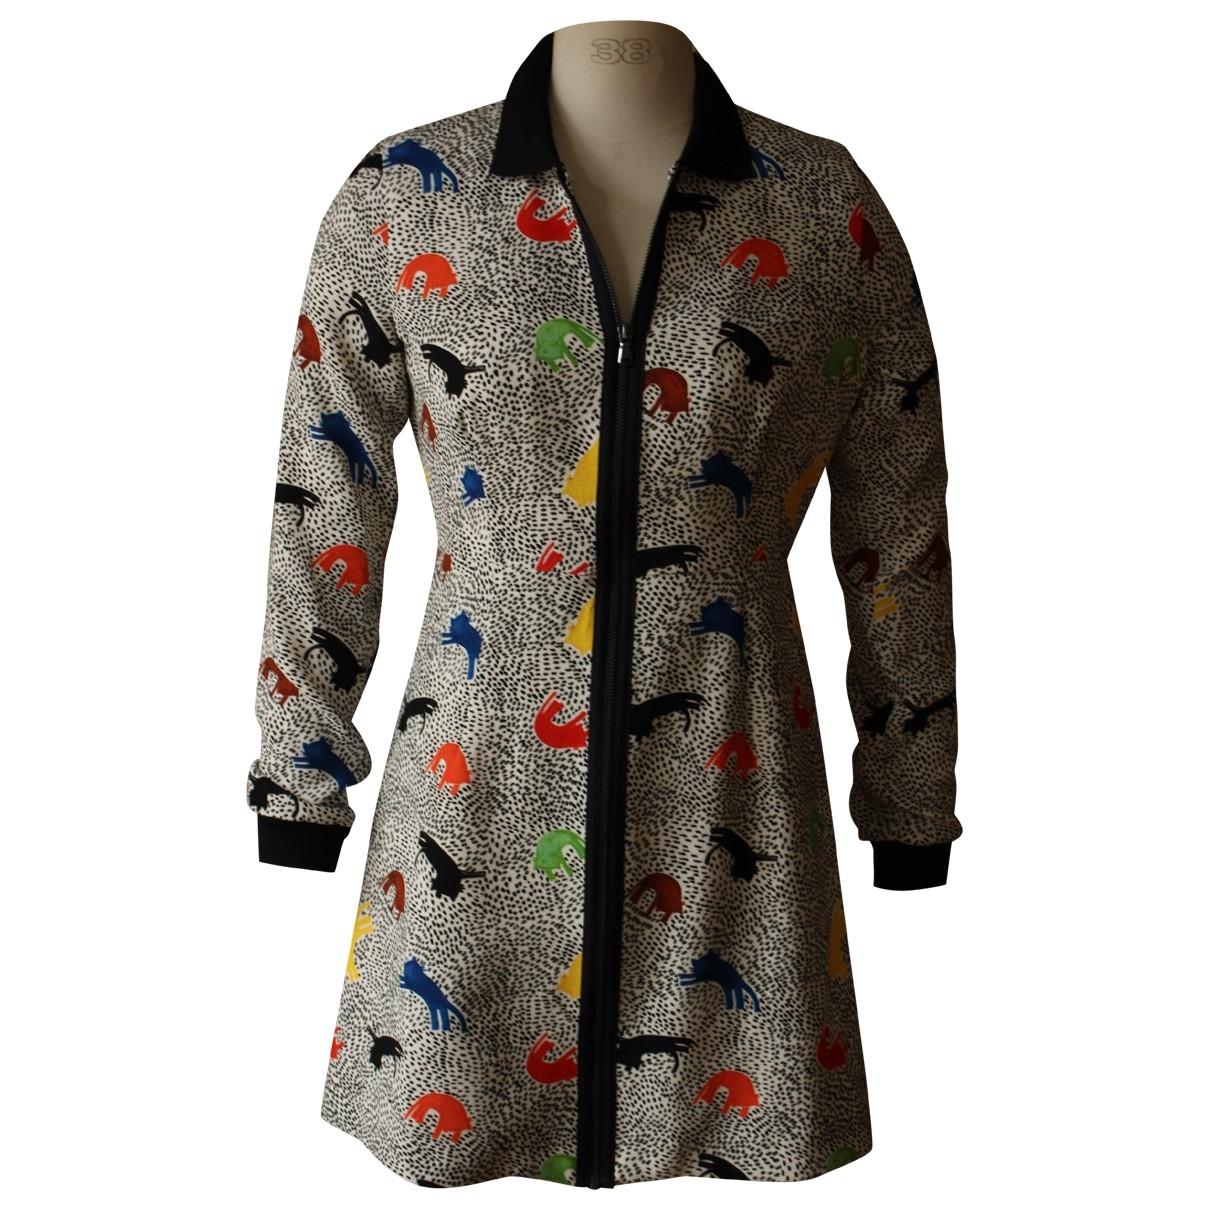 Paul & Joe Sister - Robe   pour femme - multicolore